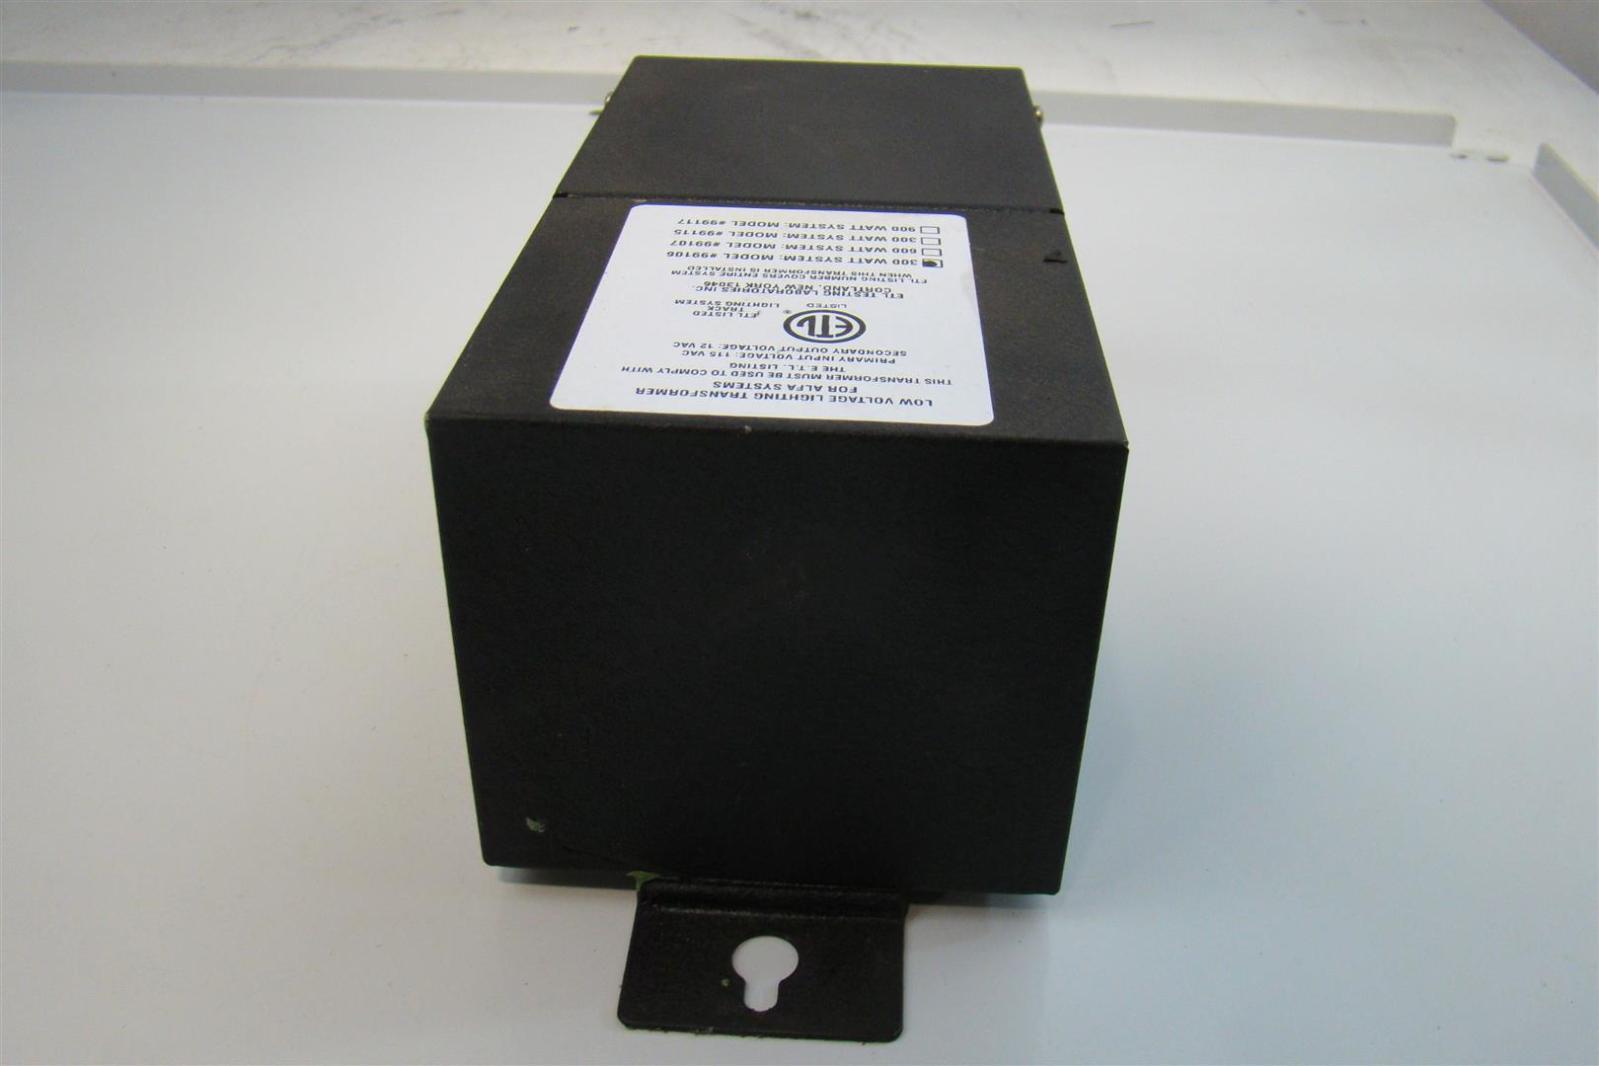 etl low voltage lighting transformer for aslfa system. Black Bedroom Furniture Sets. Home Design Ideas